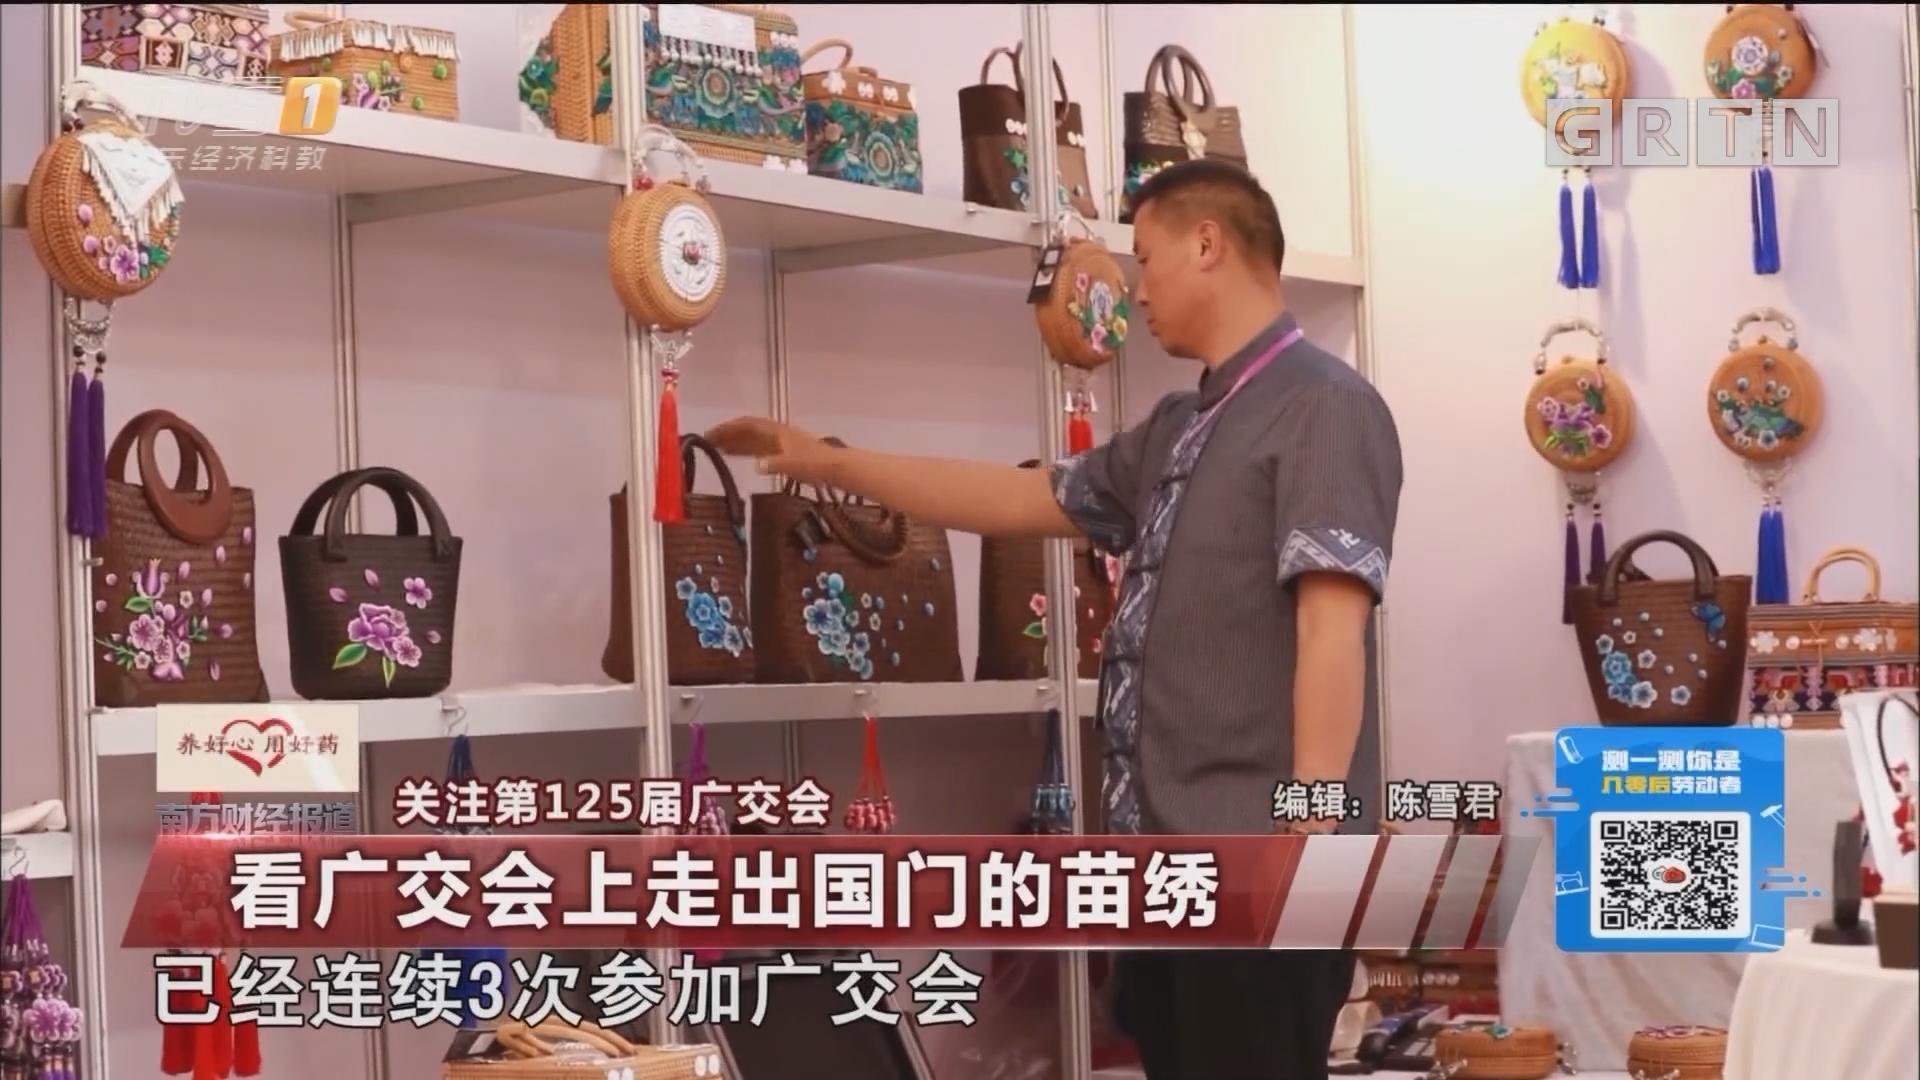 关注第125届广交会:看广交会上走出国门的苗绣